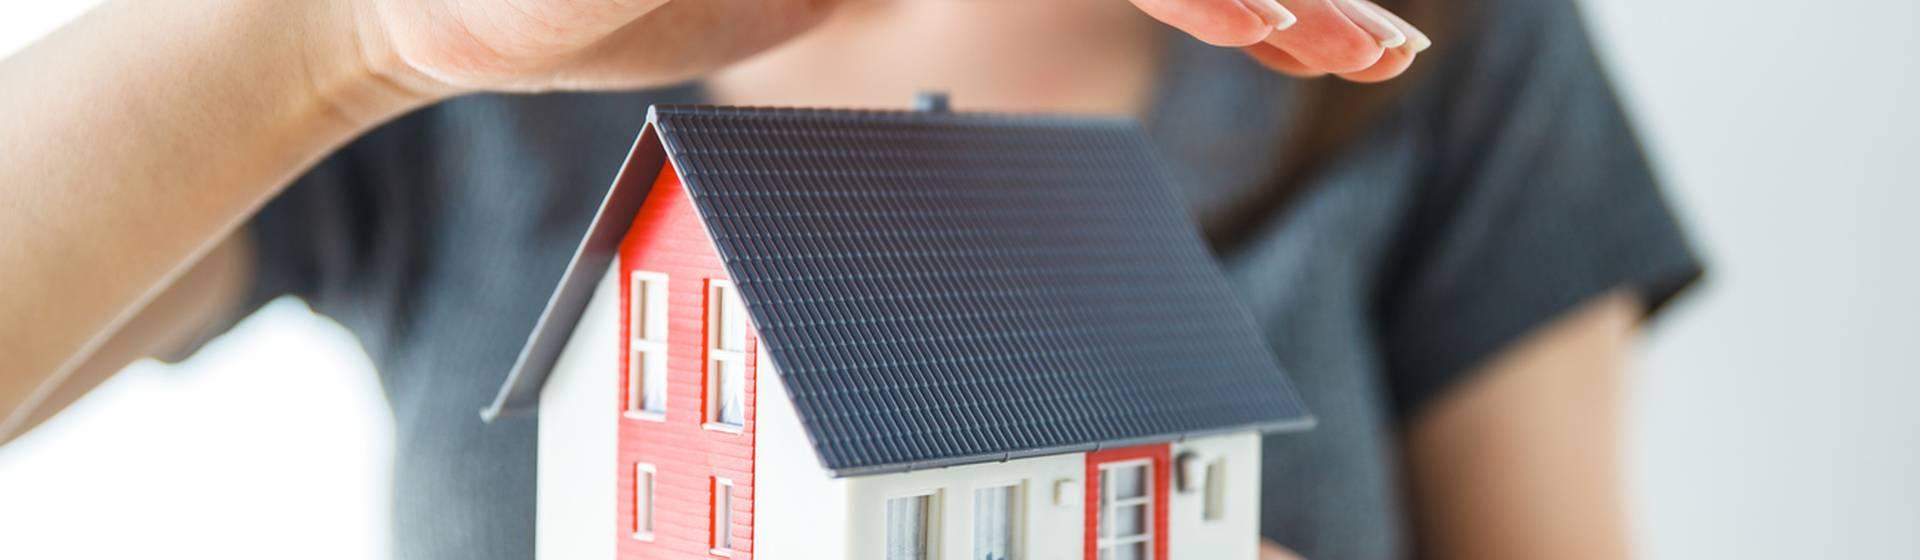 Assurance habitation : à quoi elle sert ?